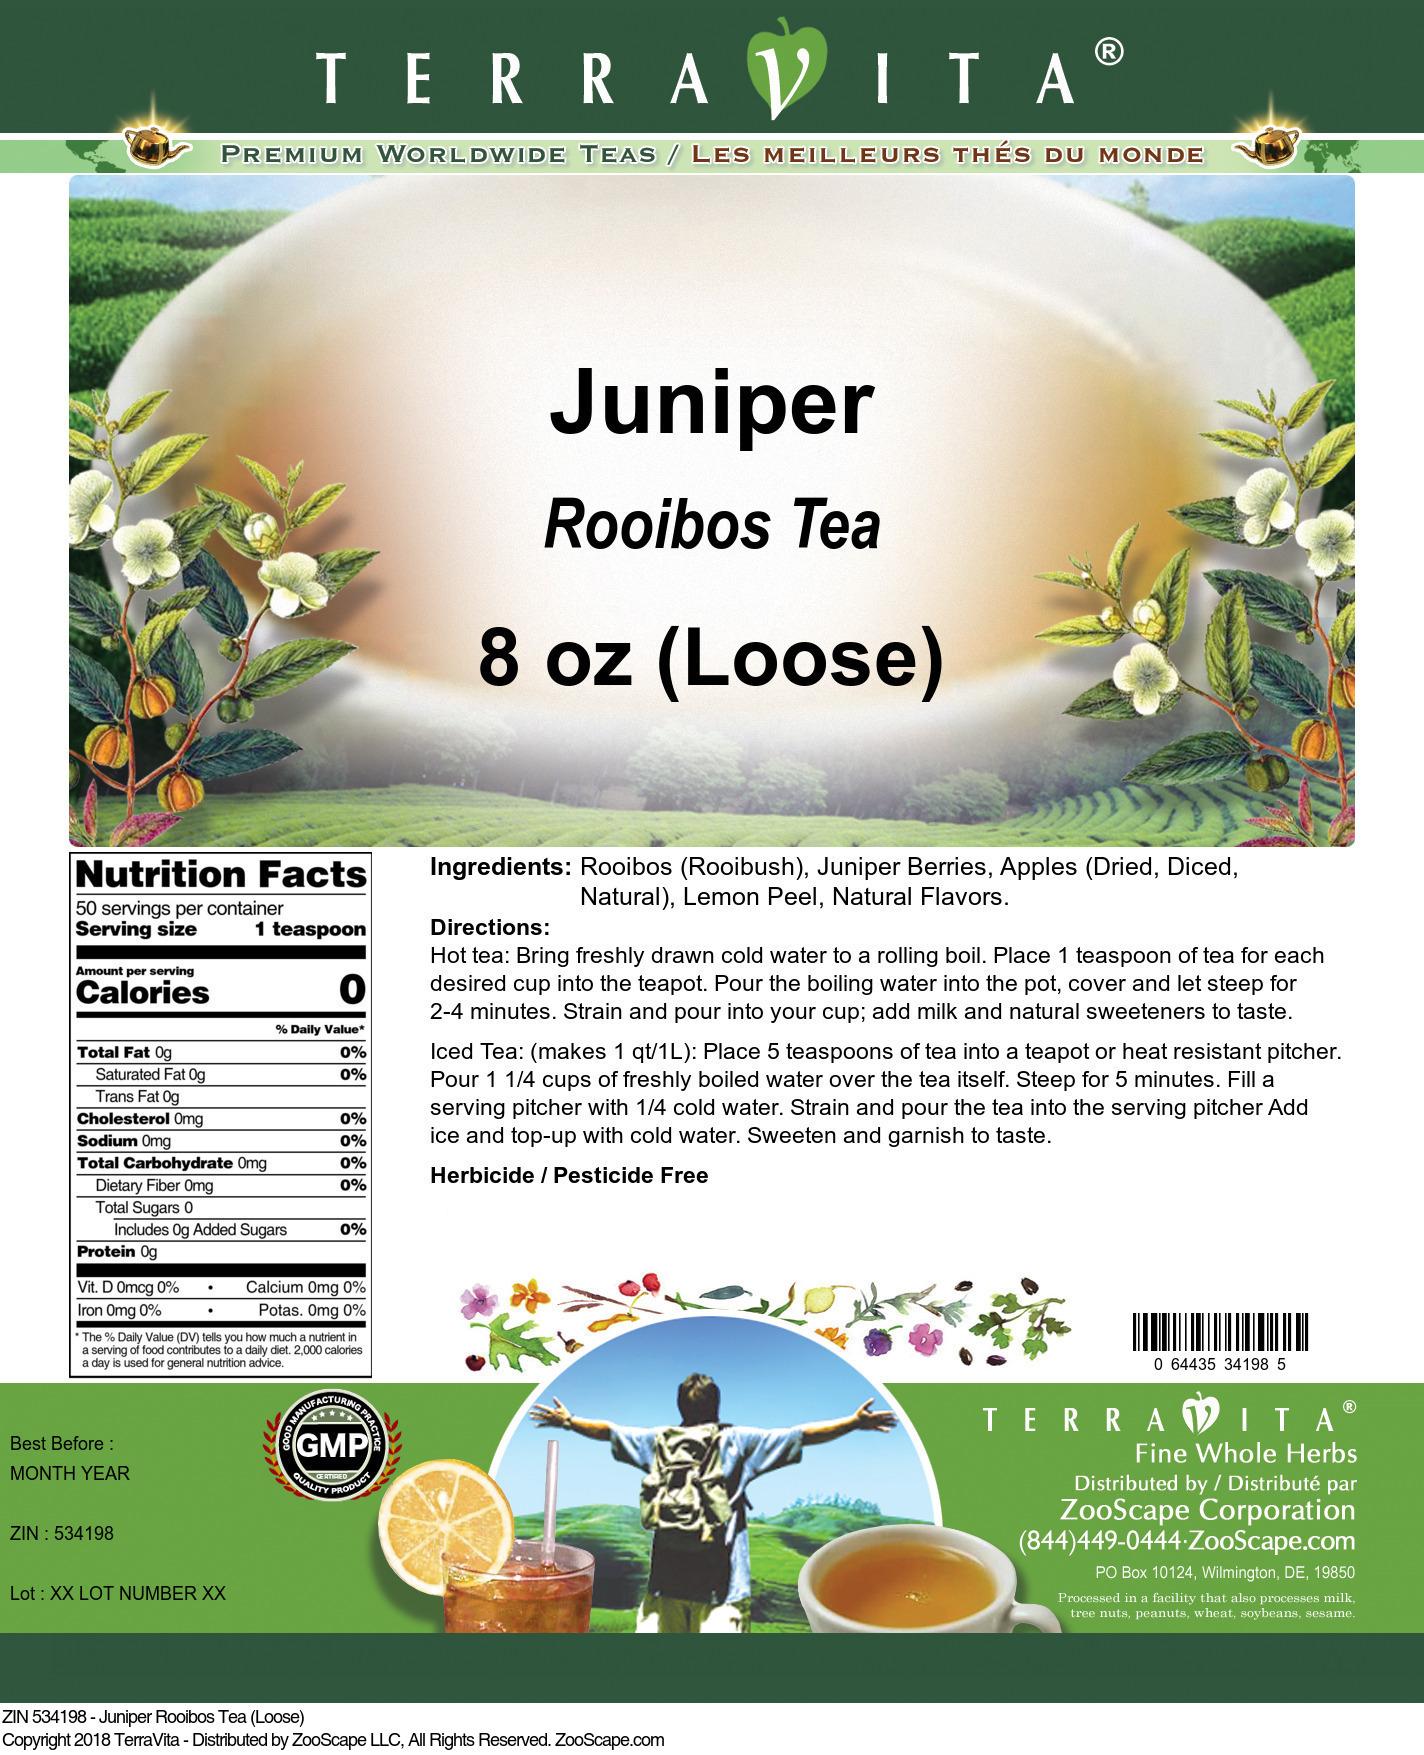 Juniper Rooibos Tea